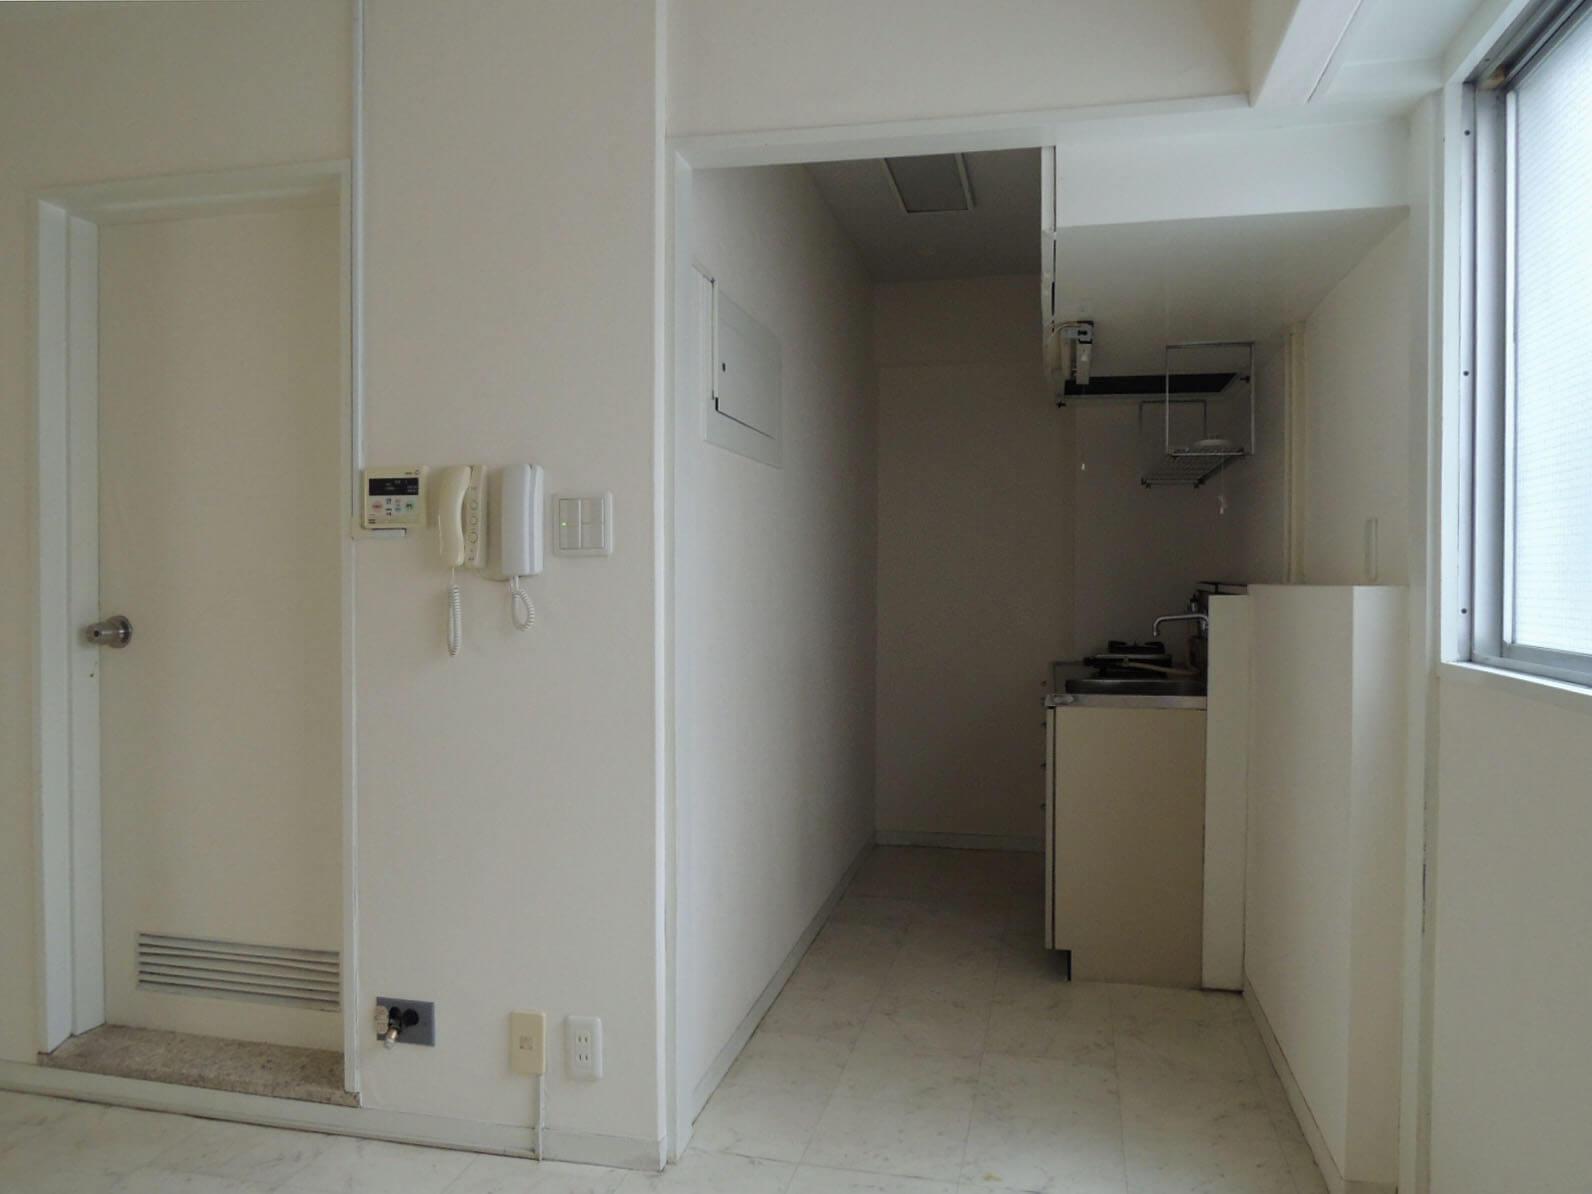 玄関を入ると正面にキッチン、左の扉がバスルーム。